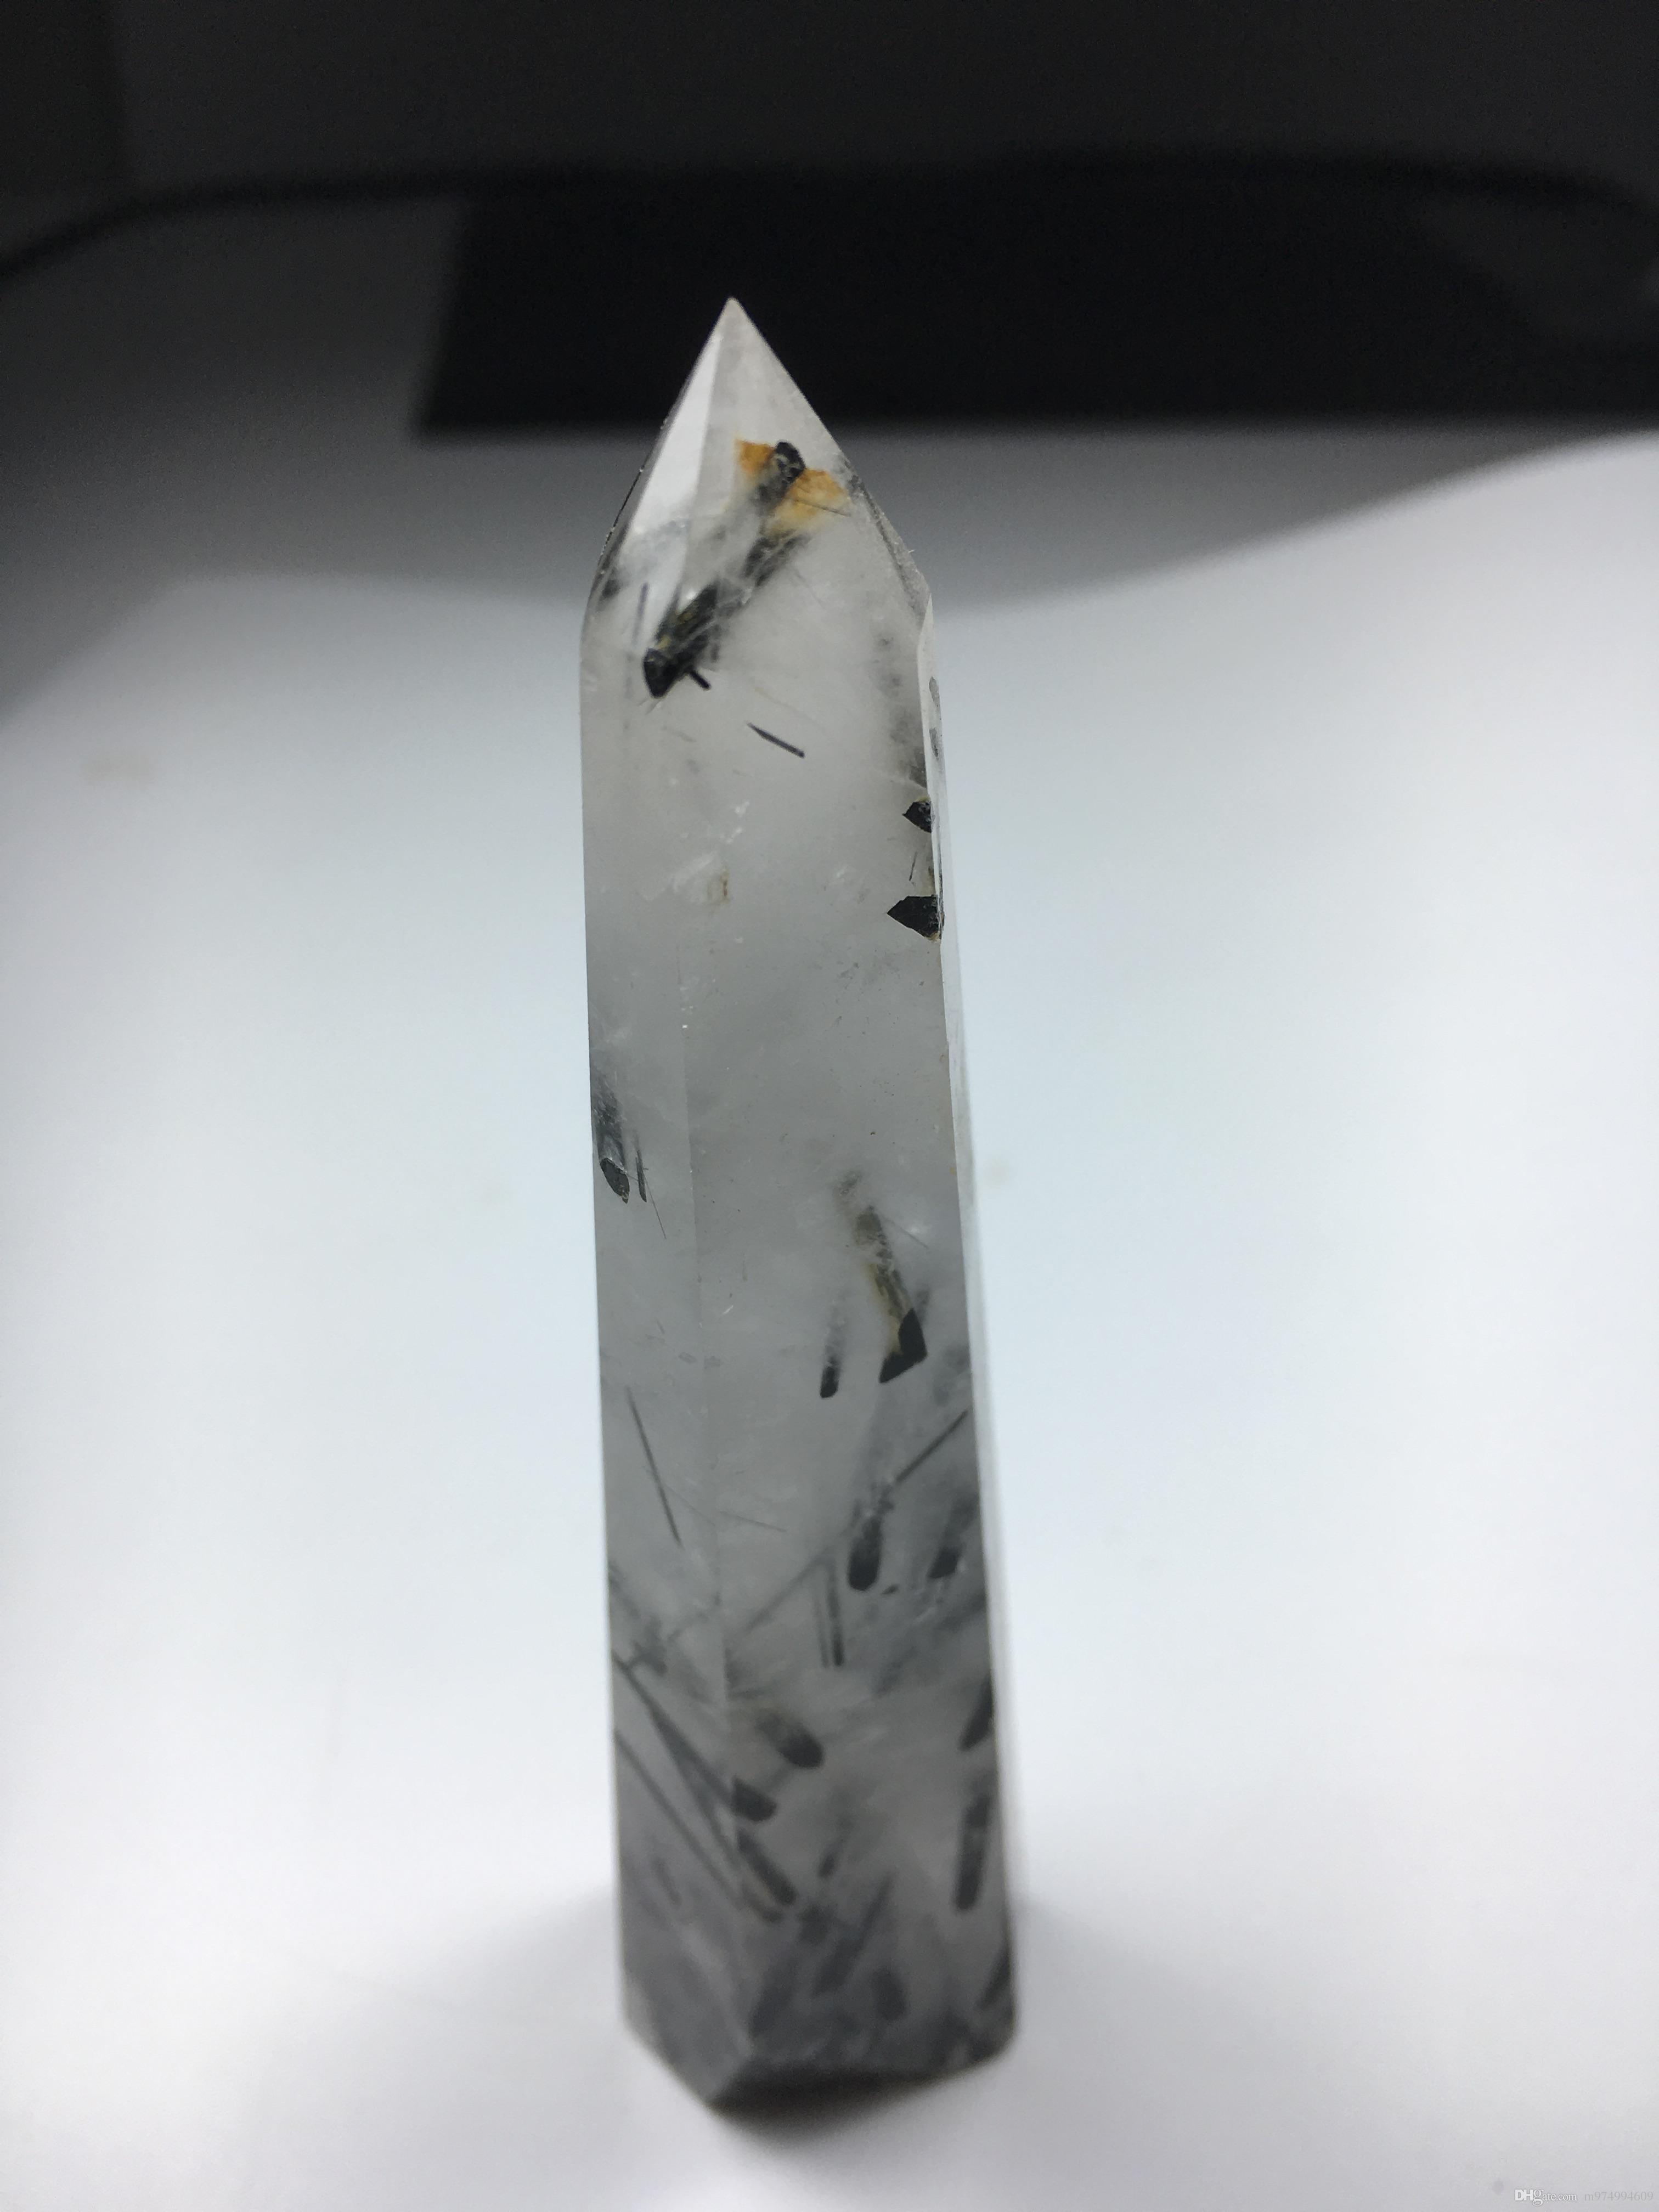 10-11cm / pièce Naturel Tourmaline Noire Pointe De Cristal Baguette Simple Terminée cheveux noirs cristal de quartz Guérison Chakra Guérison Énergie Fengshui